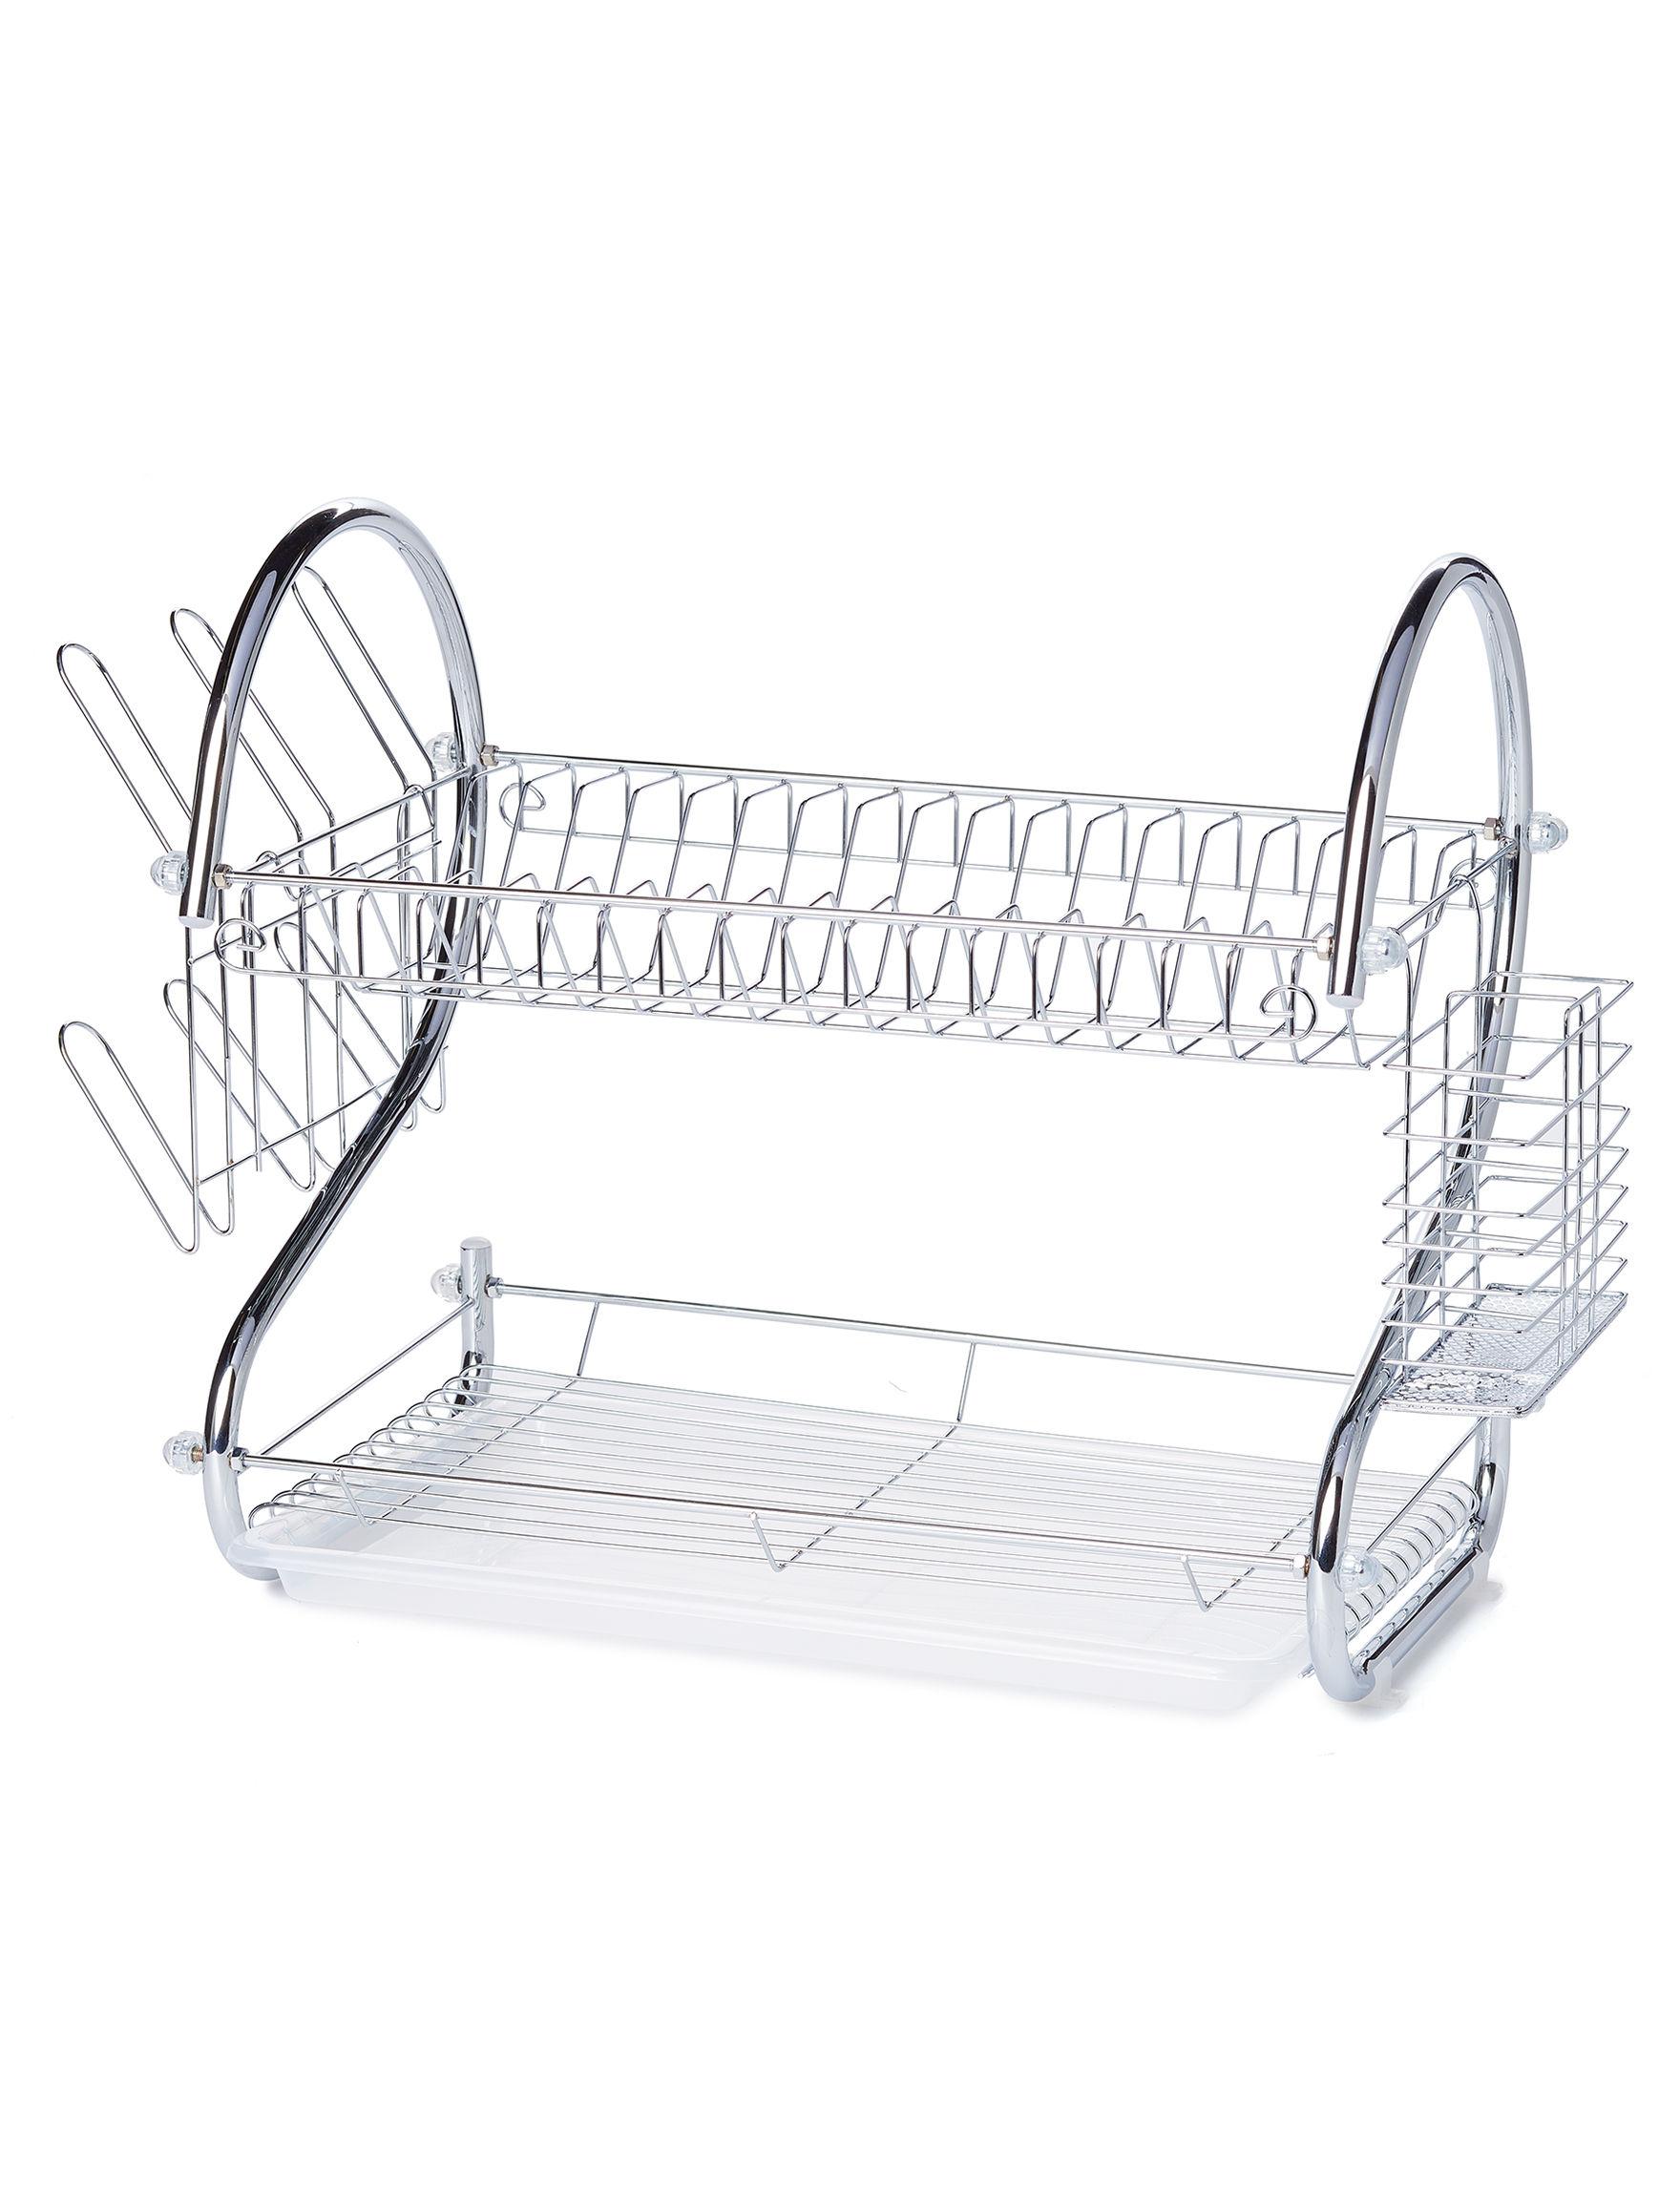 Diamond Home Silver Kitchen Storage & Organization